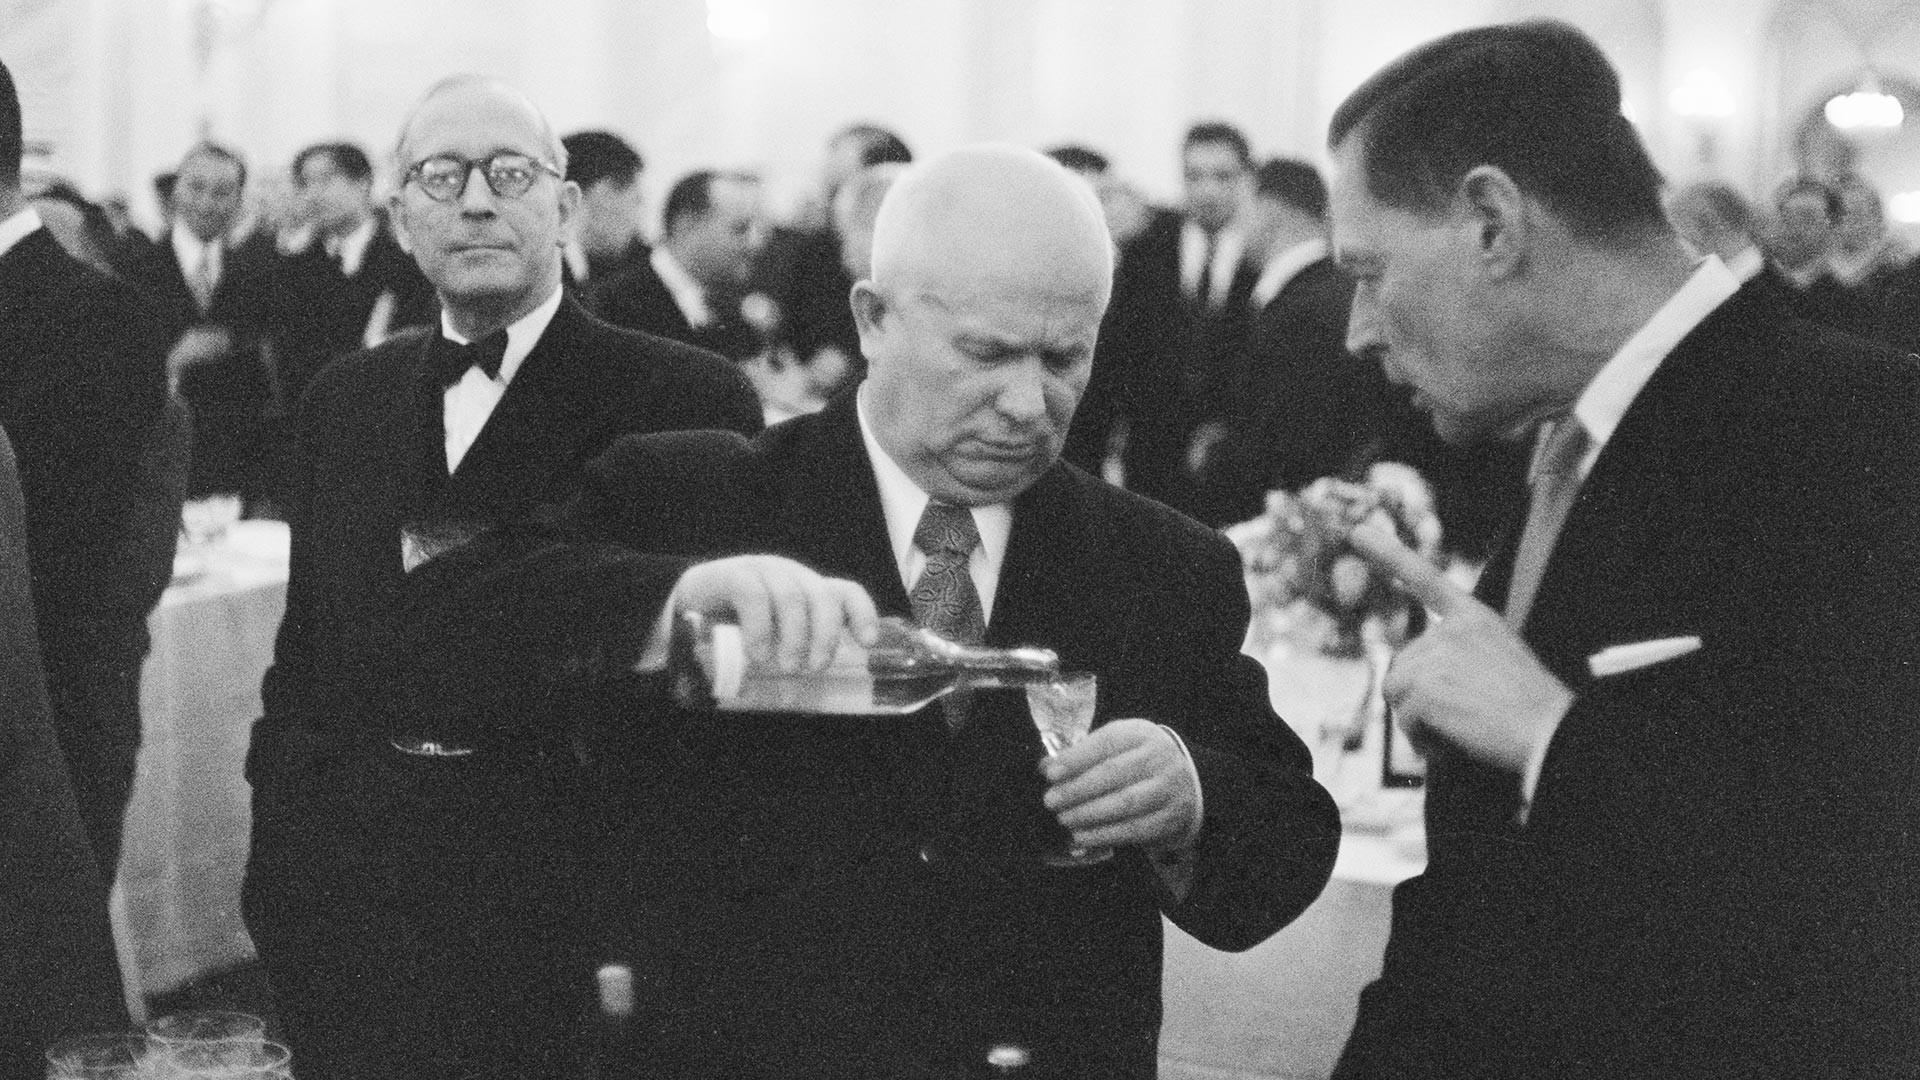 Le dirigeant soviétique Nikita Khrouchtchev et l'ambassadeur américain en URSS lors d'une réception, 1955